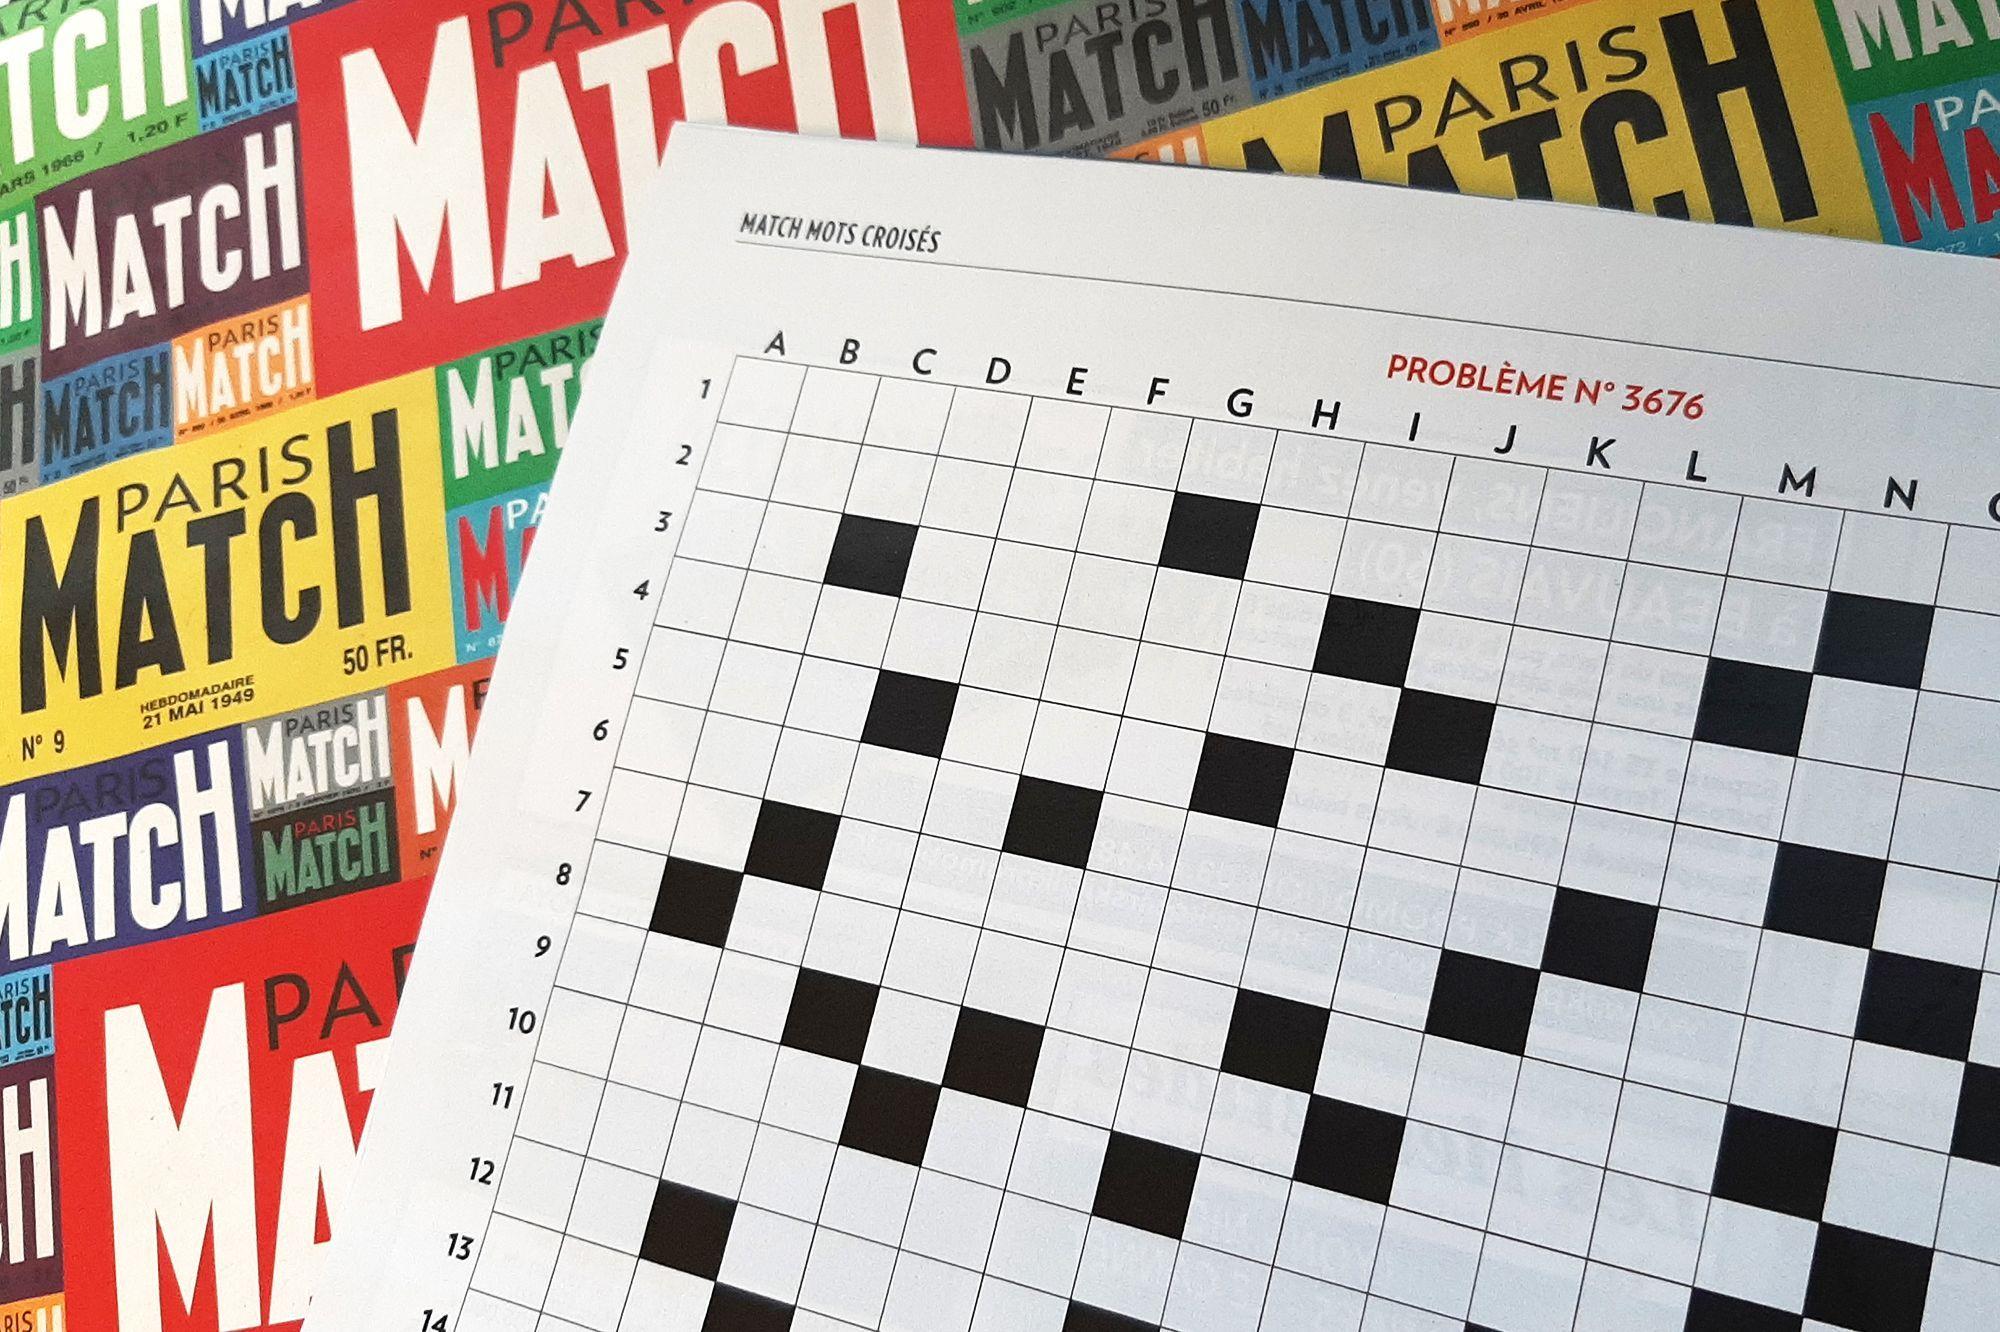 La Solution Des Mots-Croisés De Paris Match N°3676 dedans Mots Fleches Solution